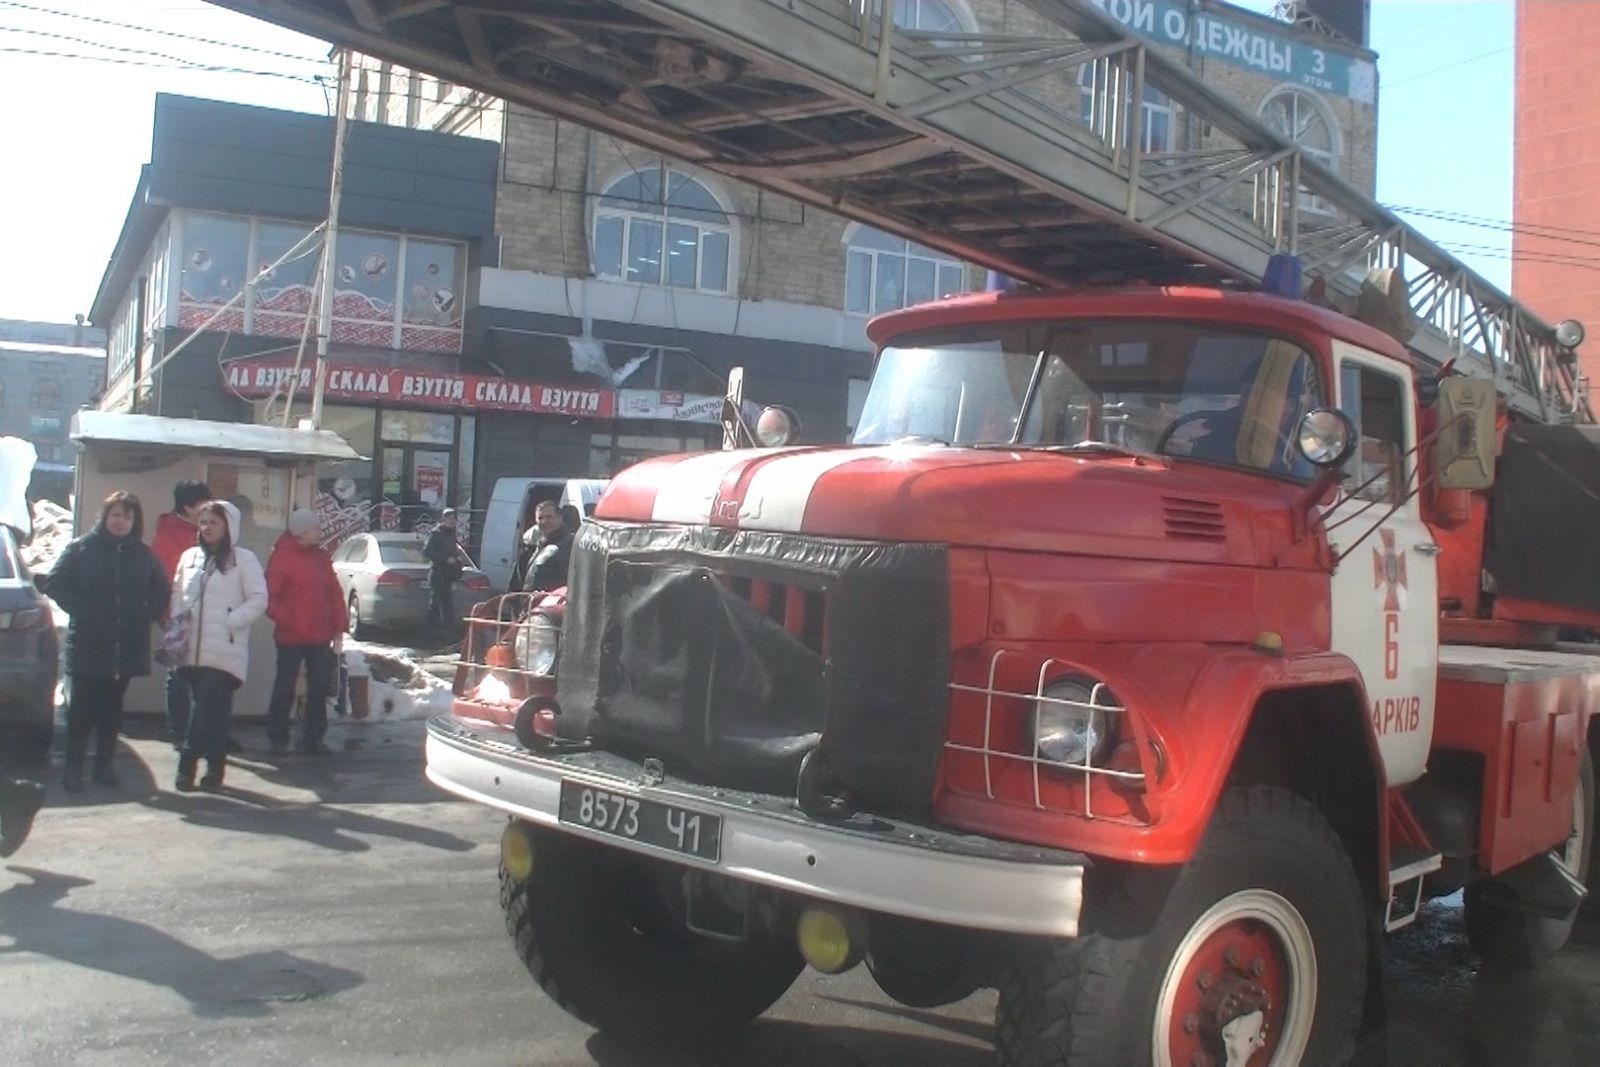 Эхо кемеровской трагедии: ВХарькове будут требовать закрытия 5-ти ТРЦ